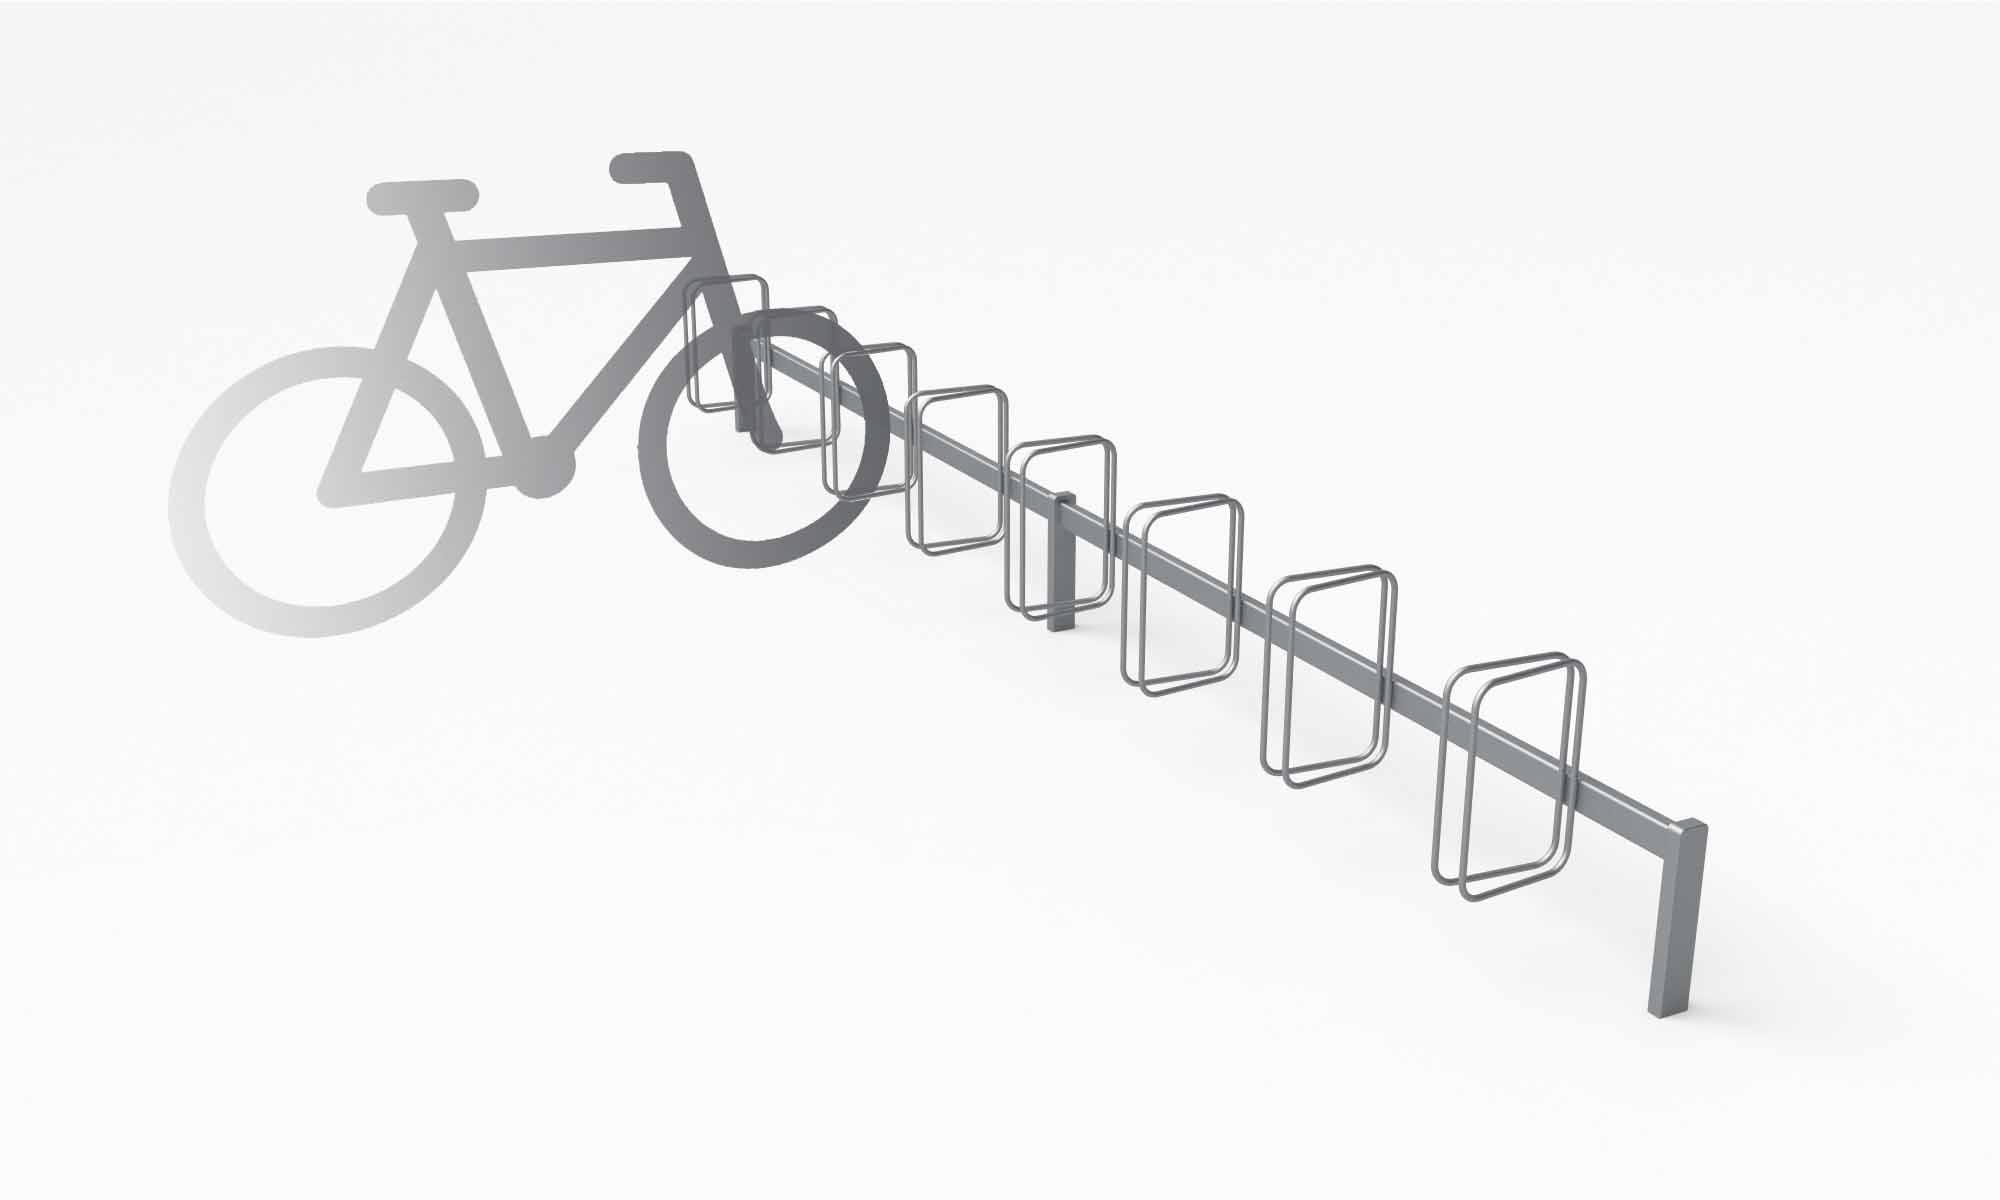 Frame Cykelstativ, tegning